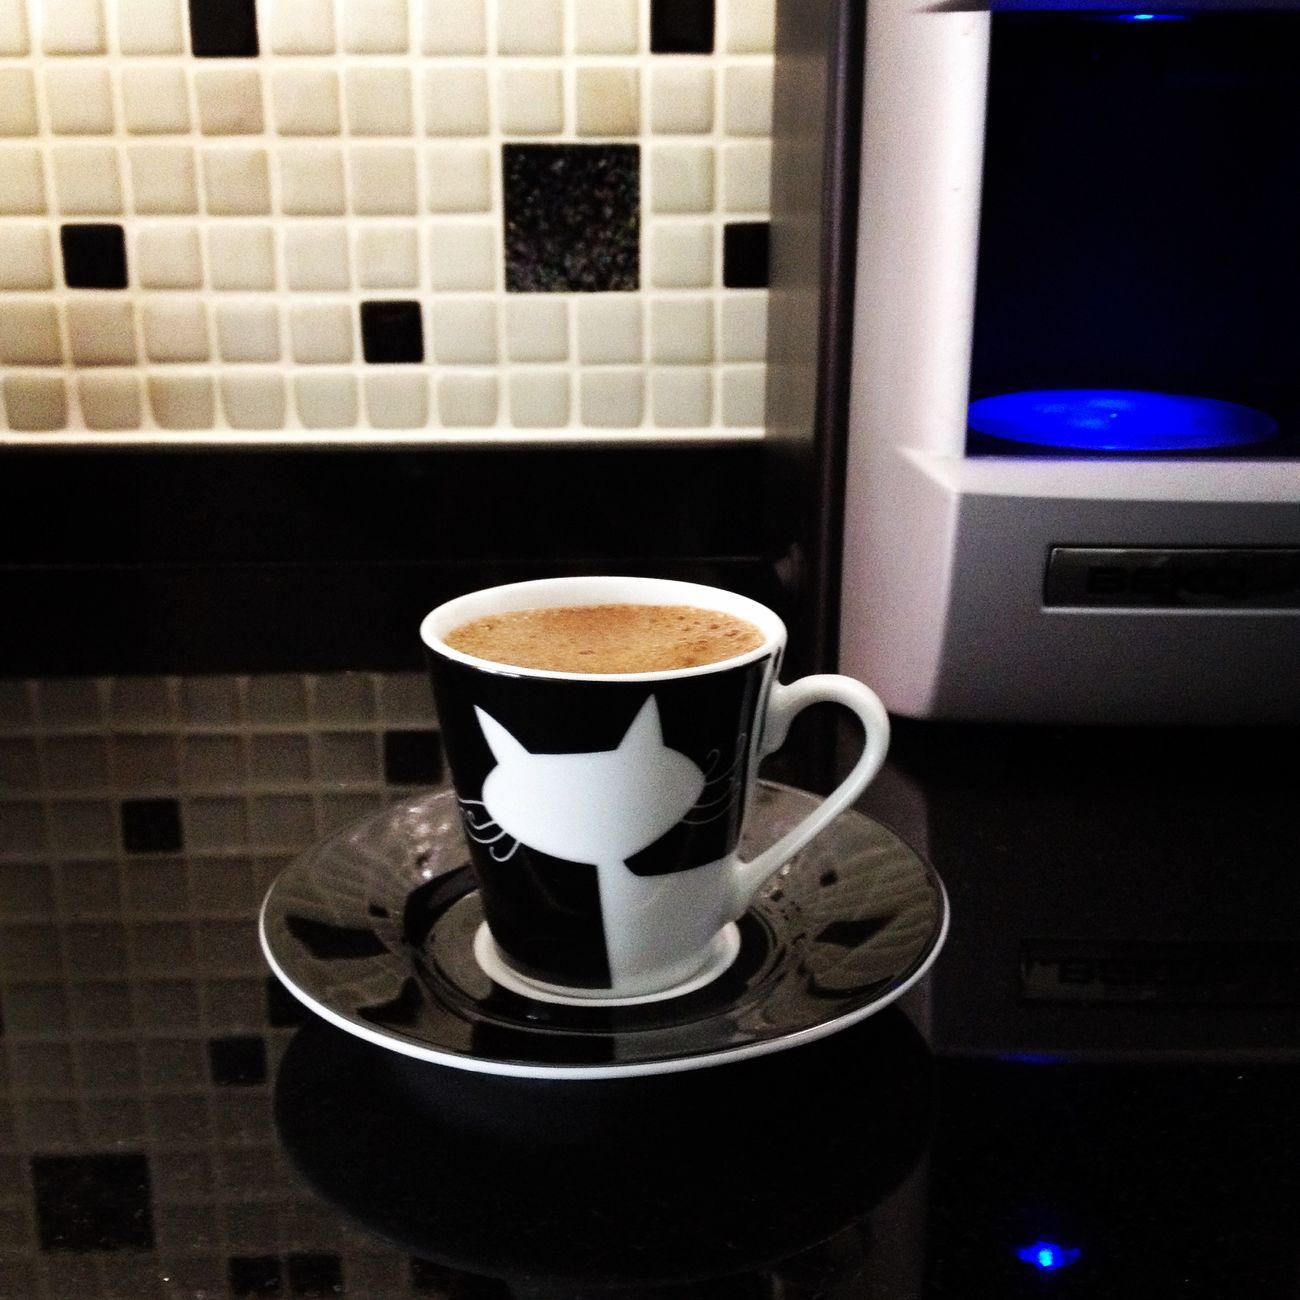 Kara kedisi ve siyah beyaz mutfağı olanın kahve fincanı da böyle olur :)) Karakedi Kedi Siyahbeyaz Mutfak Kahve Fincan BLackCat Cat Kitchen Coffeecup